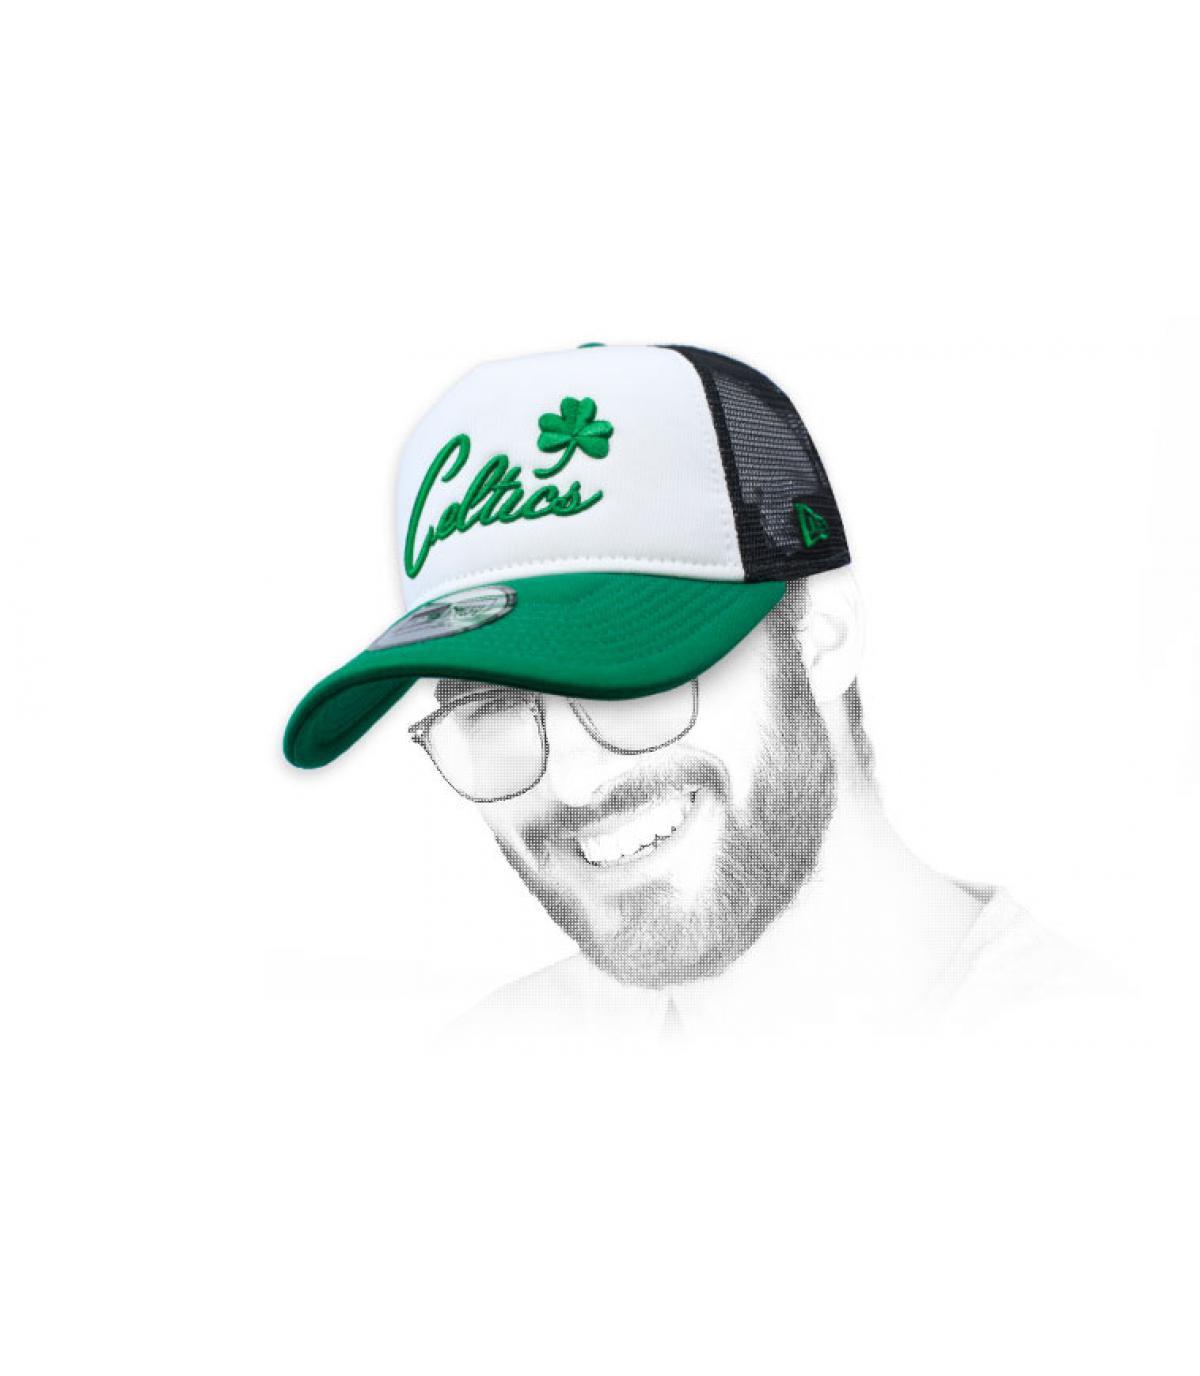 groene Celtics trucker